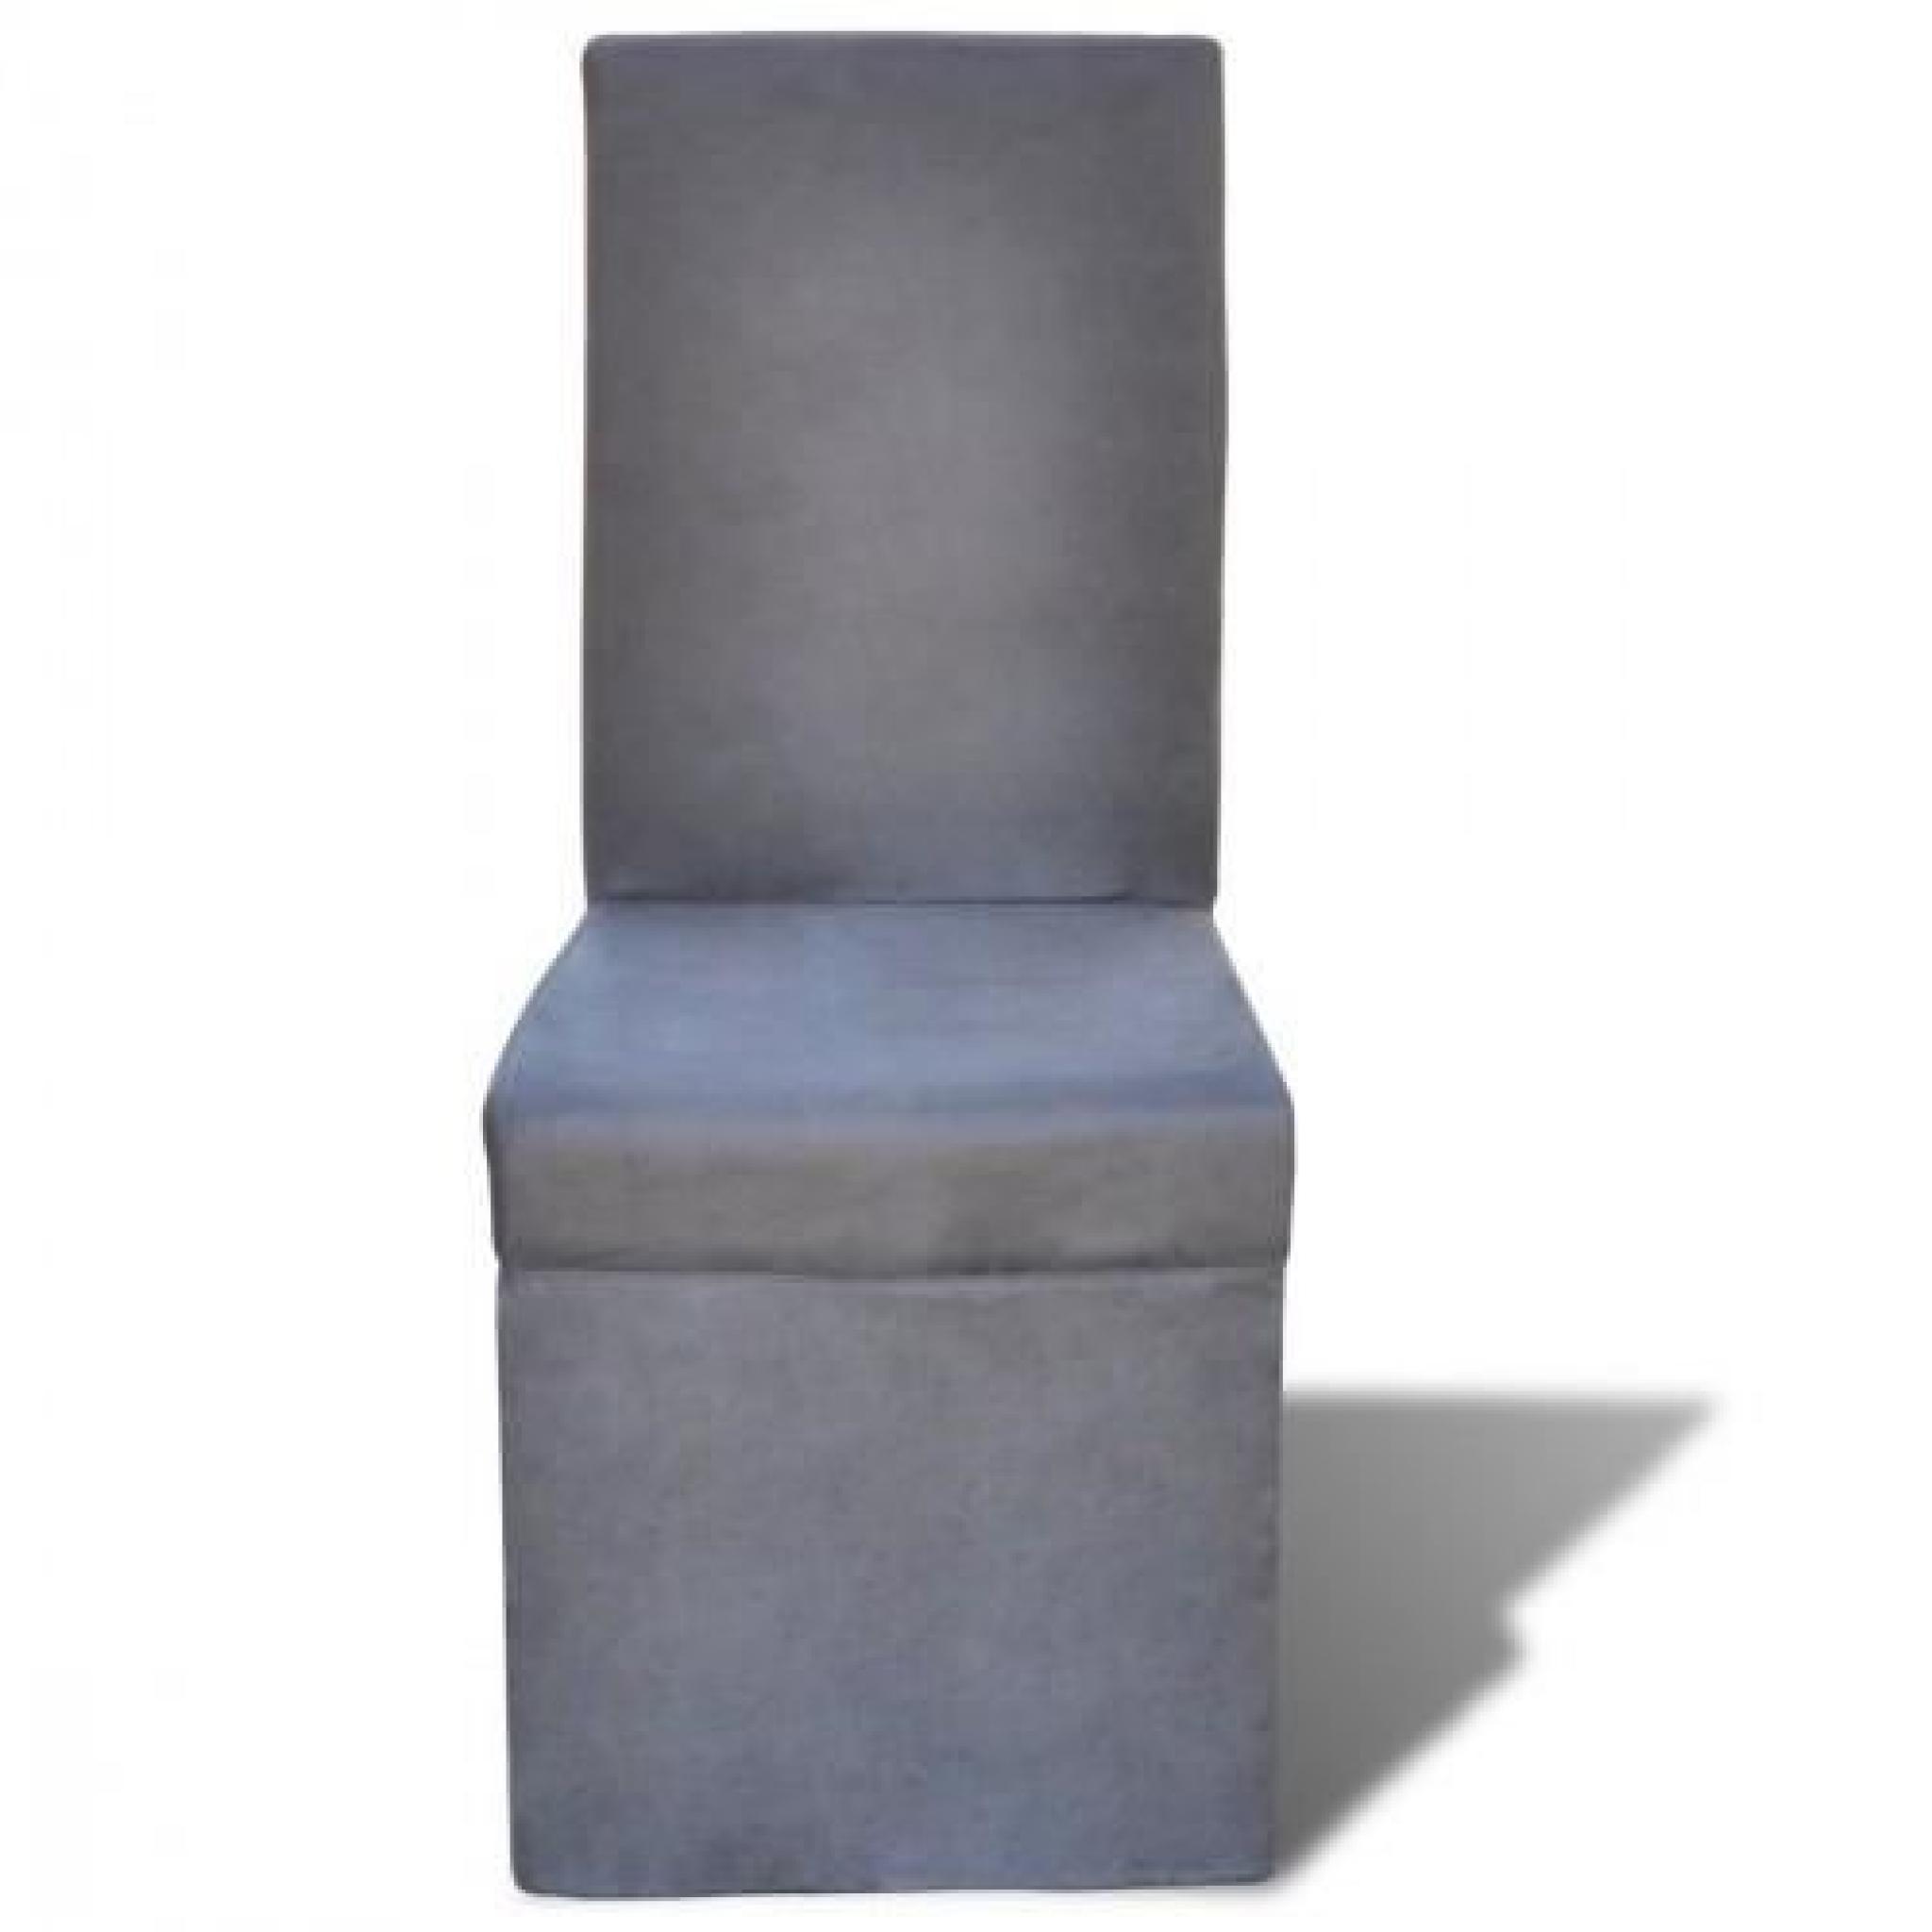 Chaise de salle à manger Gris foncé 6 pcs - Achat/Vente chaise salle ...